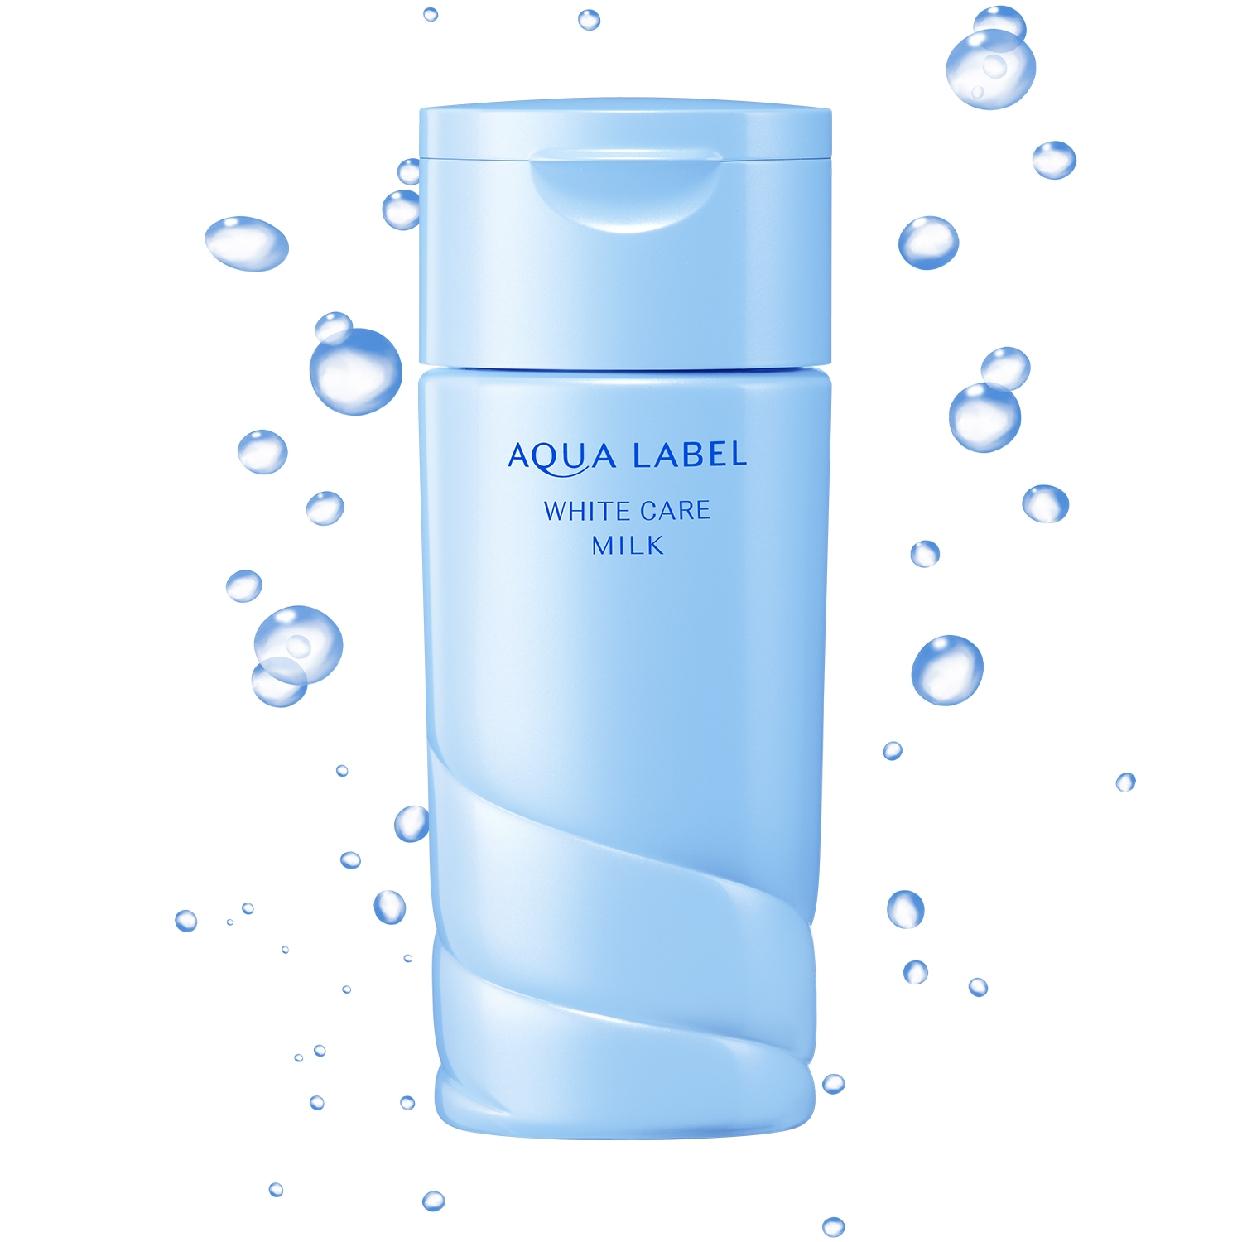 AQUALABEL(アクアレーベル) ホワイトケア ミルクの商品画像